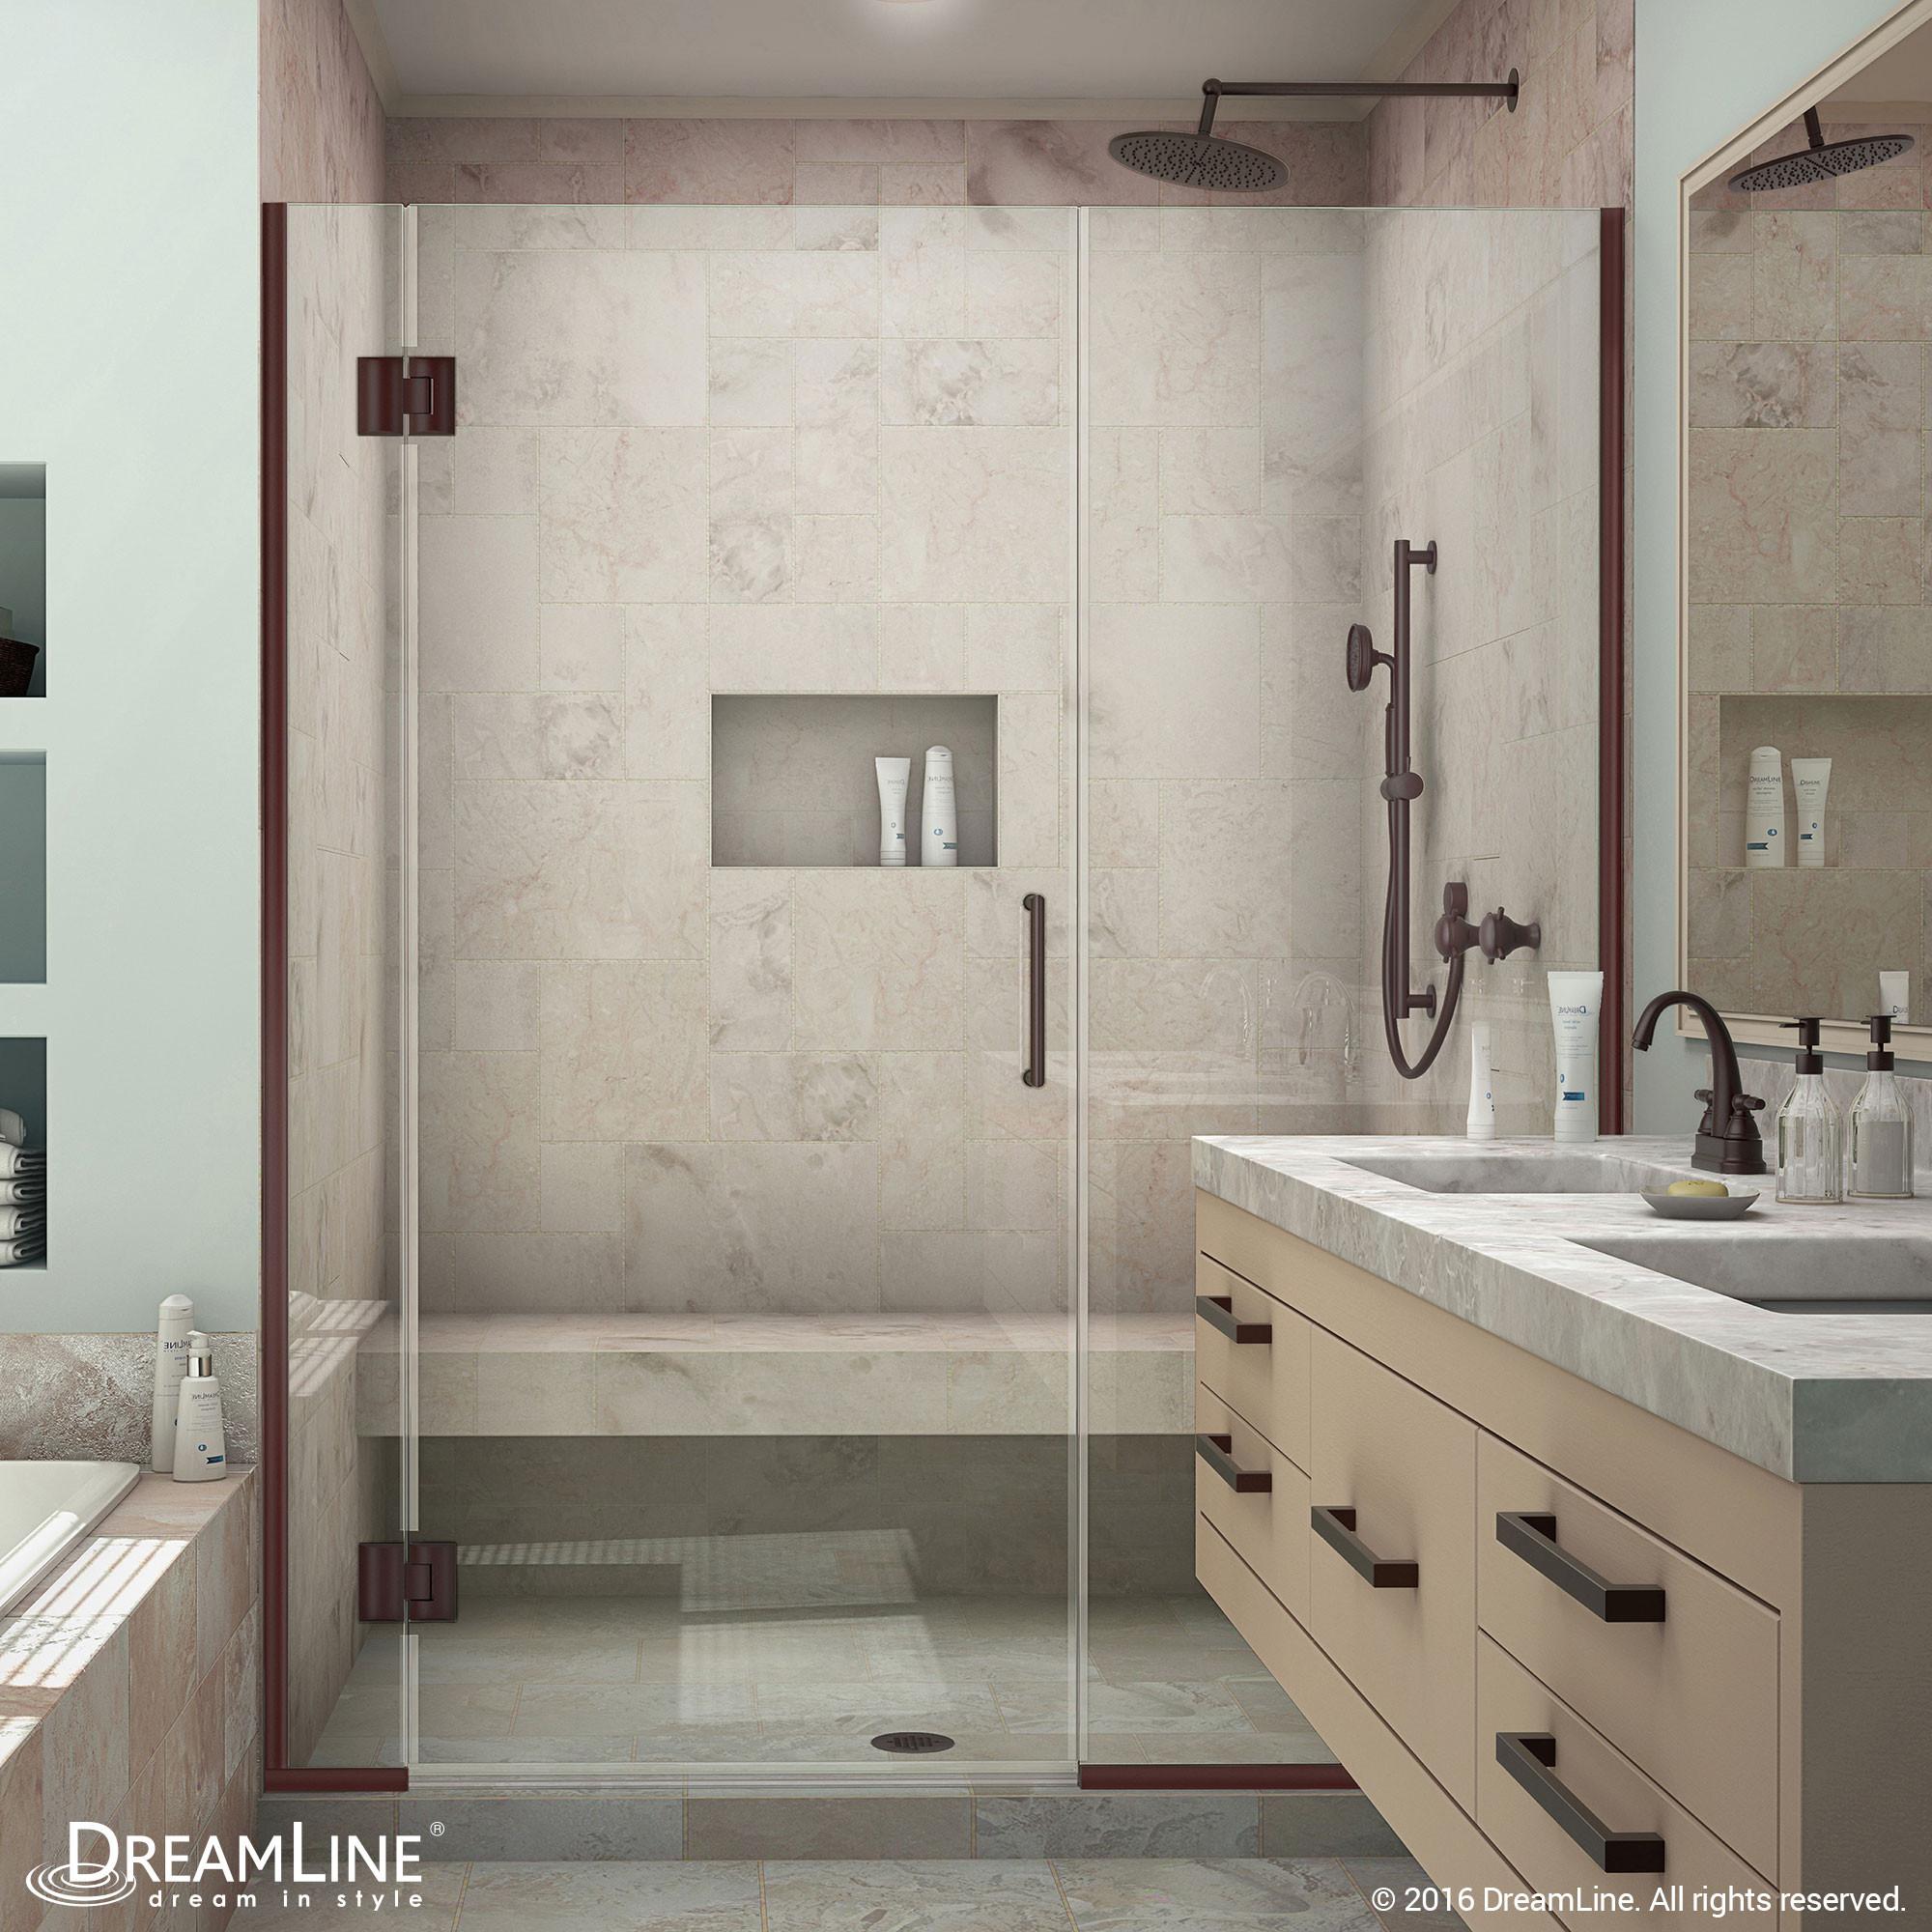 DreamLine D12922572-06 Oil Rubbed Bronze Unidoor-X 57 1/2 - 58 in. W x 72 in. H Hinged Shower Door